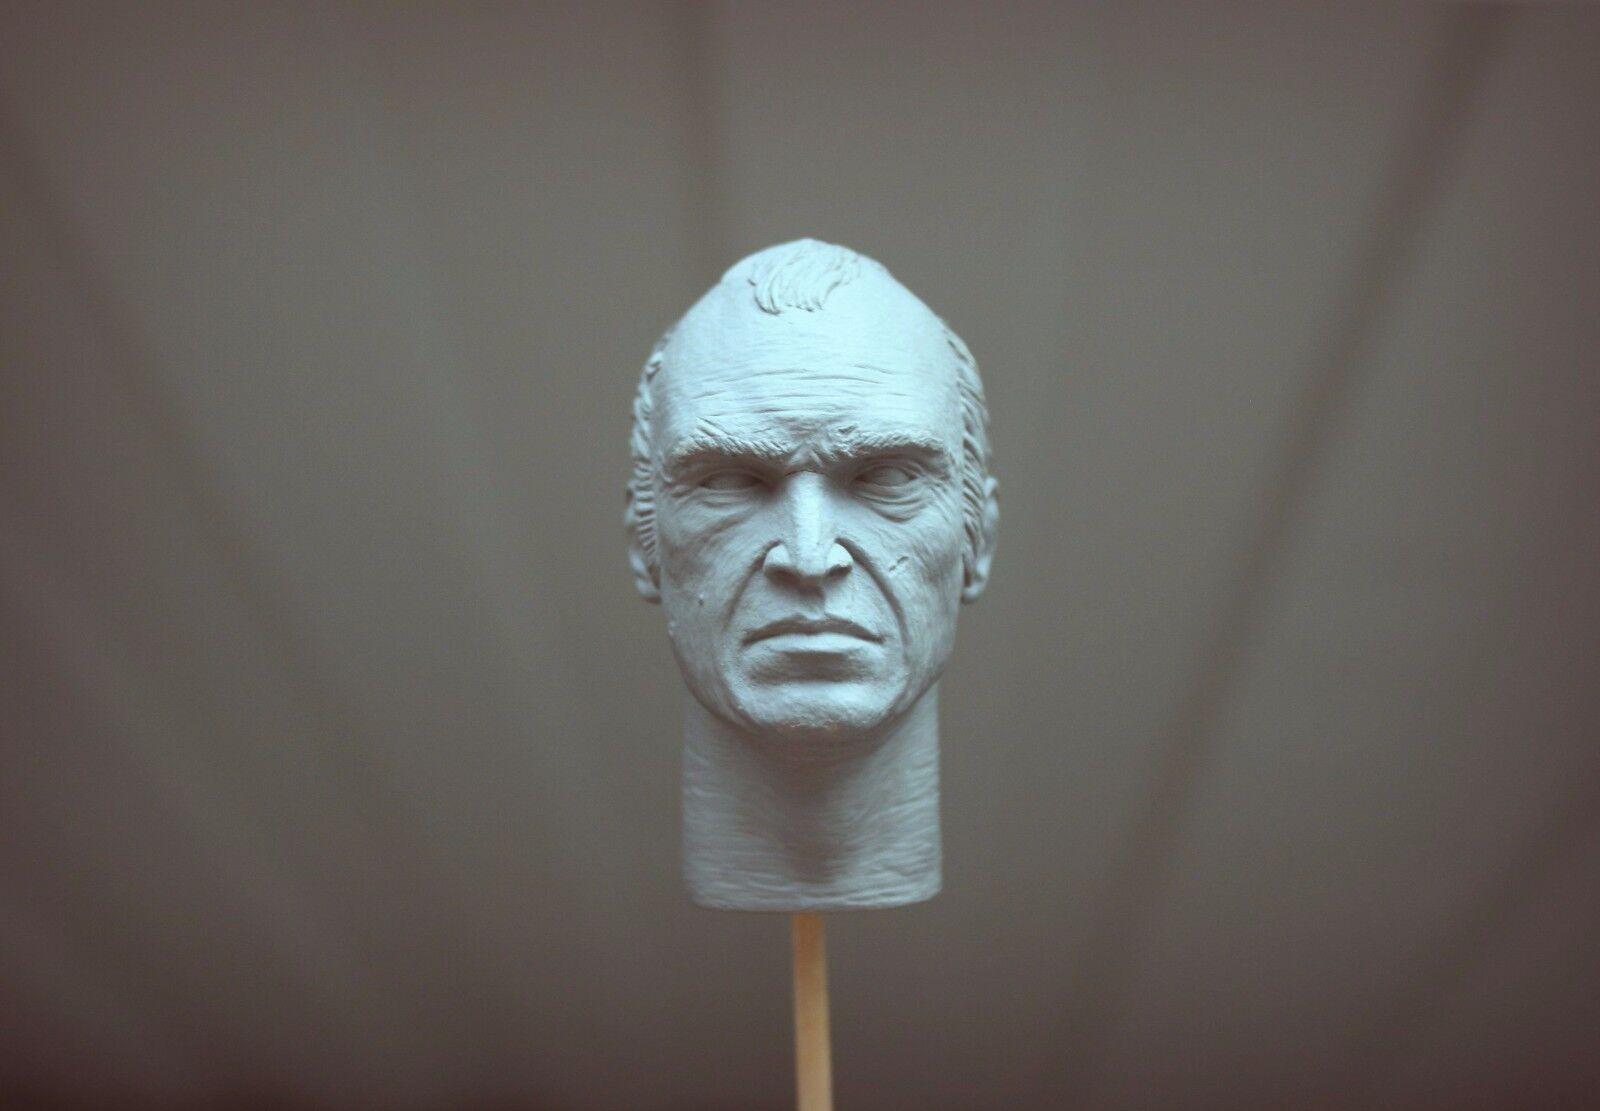 Trevor PHILIPS de GTA échelle  5 1 6 Non Peinte Personnalisée sculpter tête  meilleure qualité meilleur prix